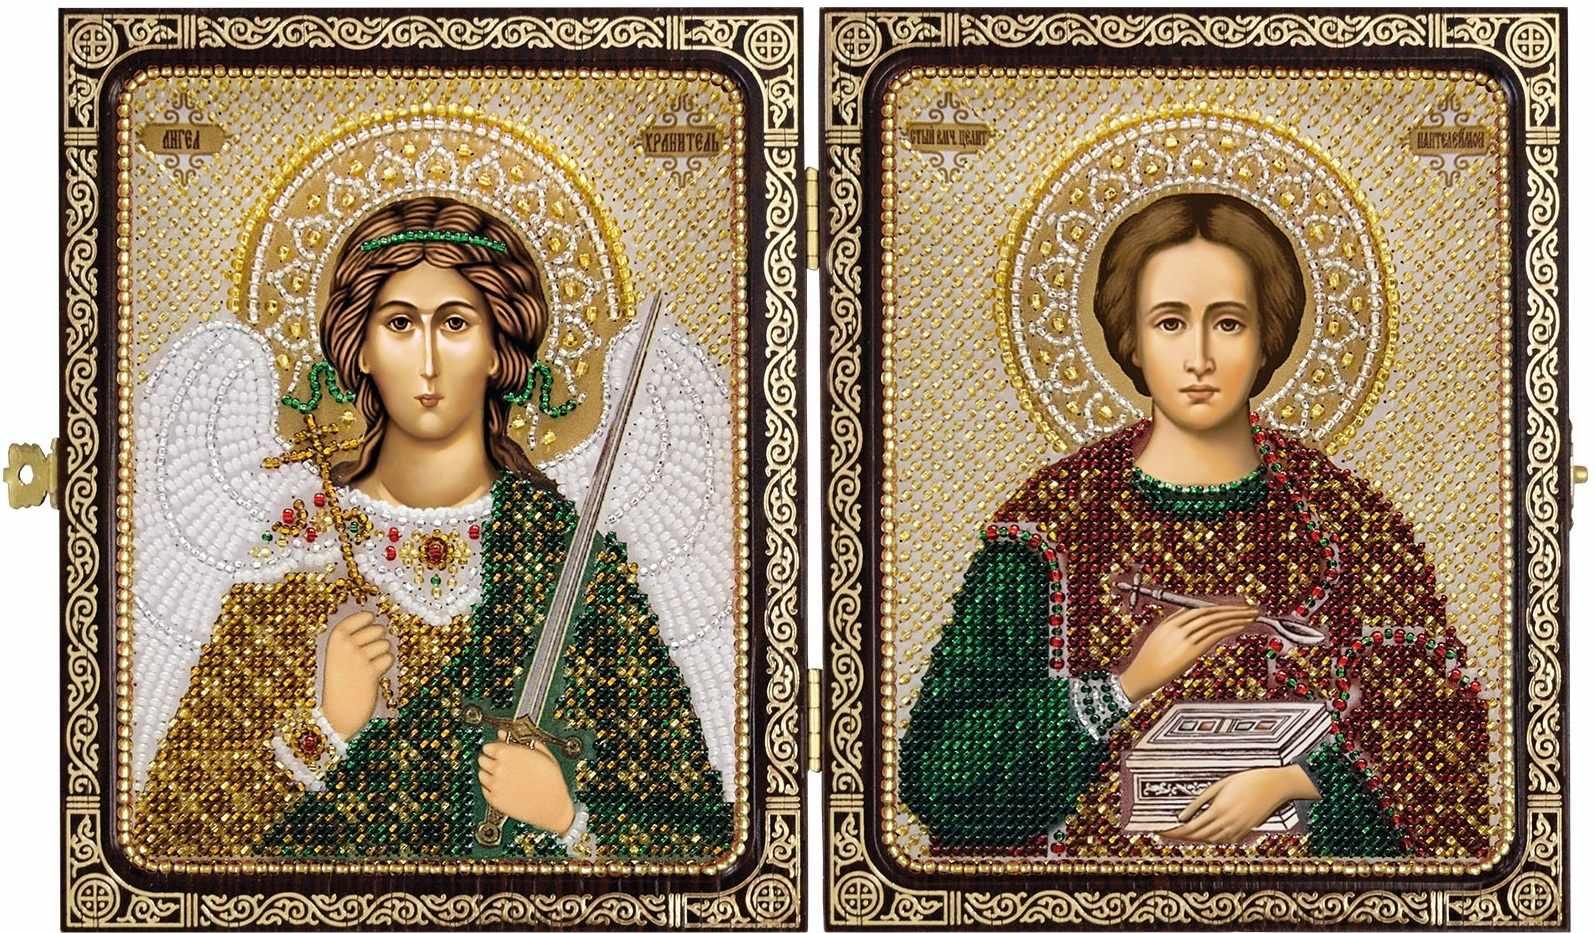 СЕ 7203 Св. Вмч. Целитель Пантелеймон и Ангел Хранитель